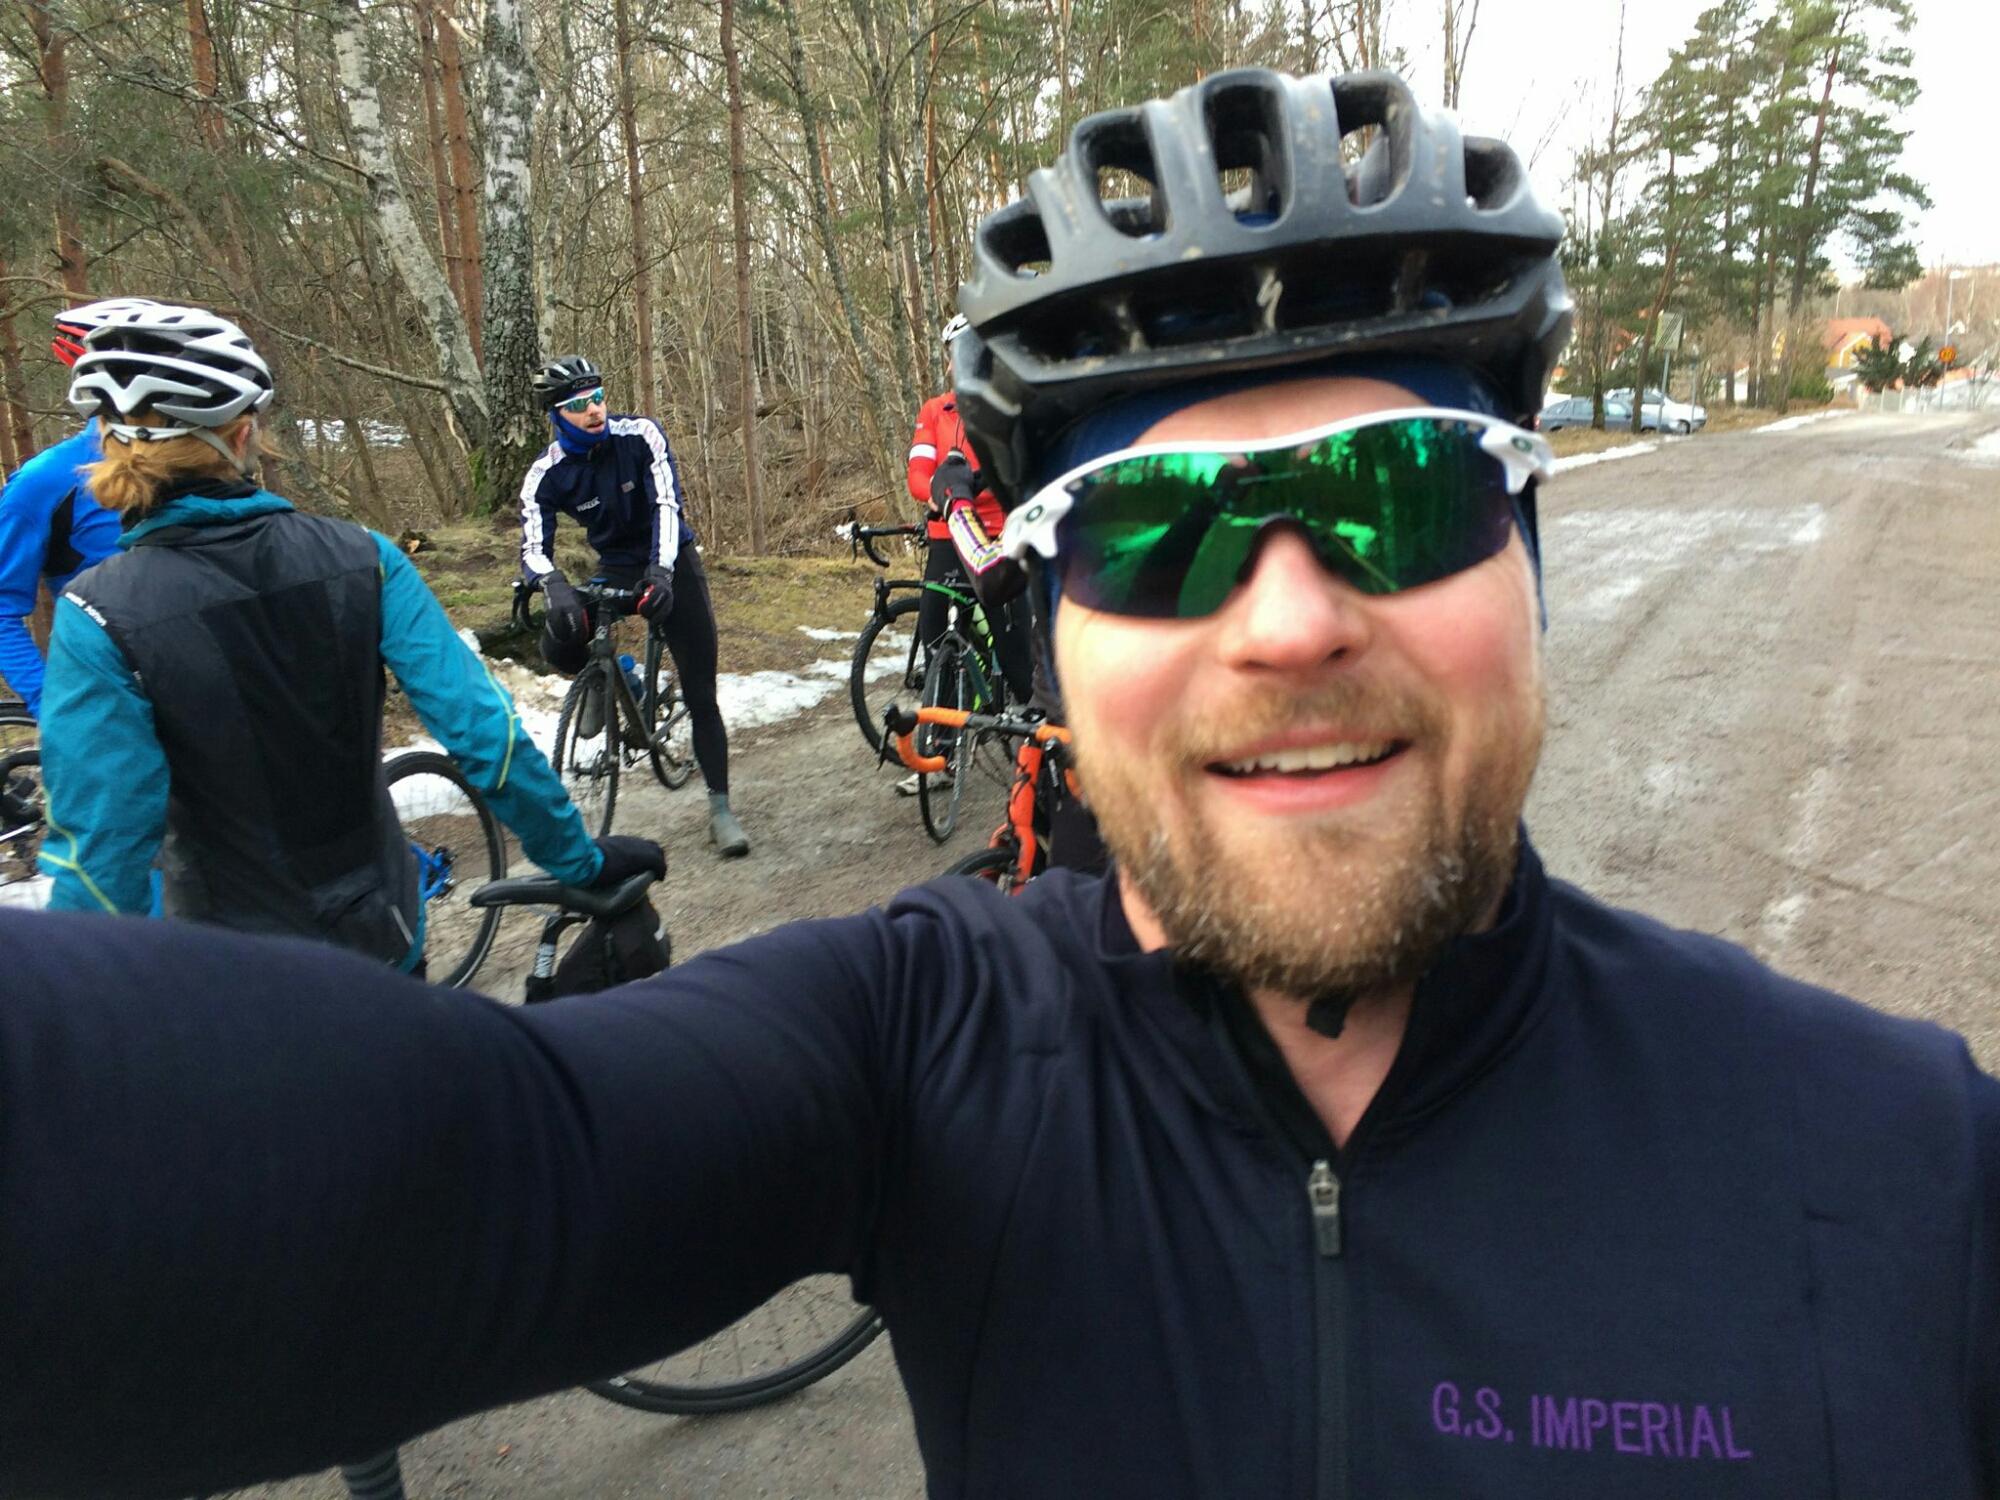 Så här glad blir man när man får komma ut och cykla med kompisar!